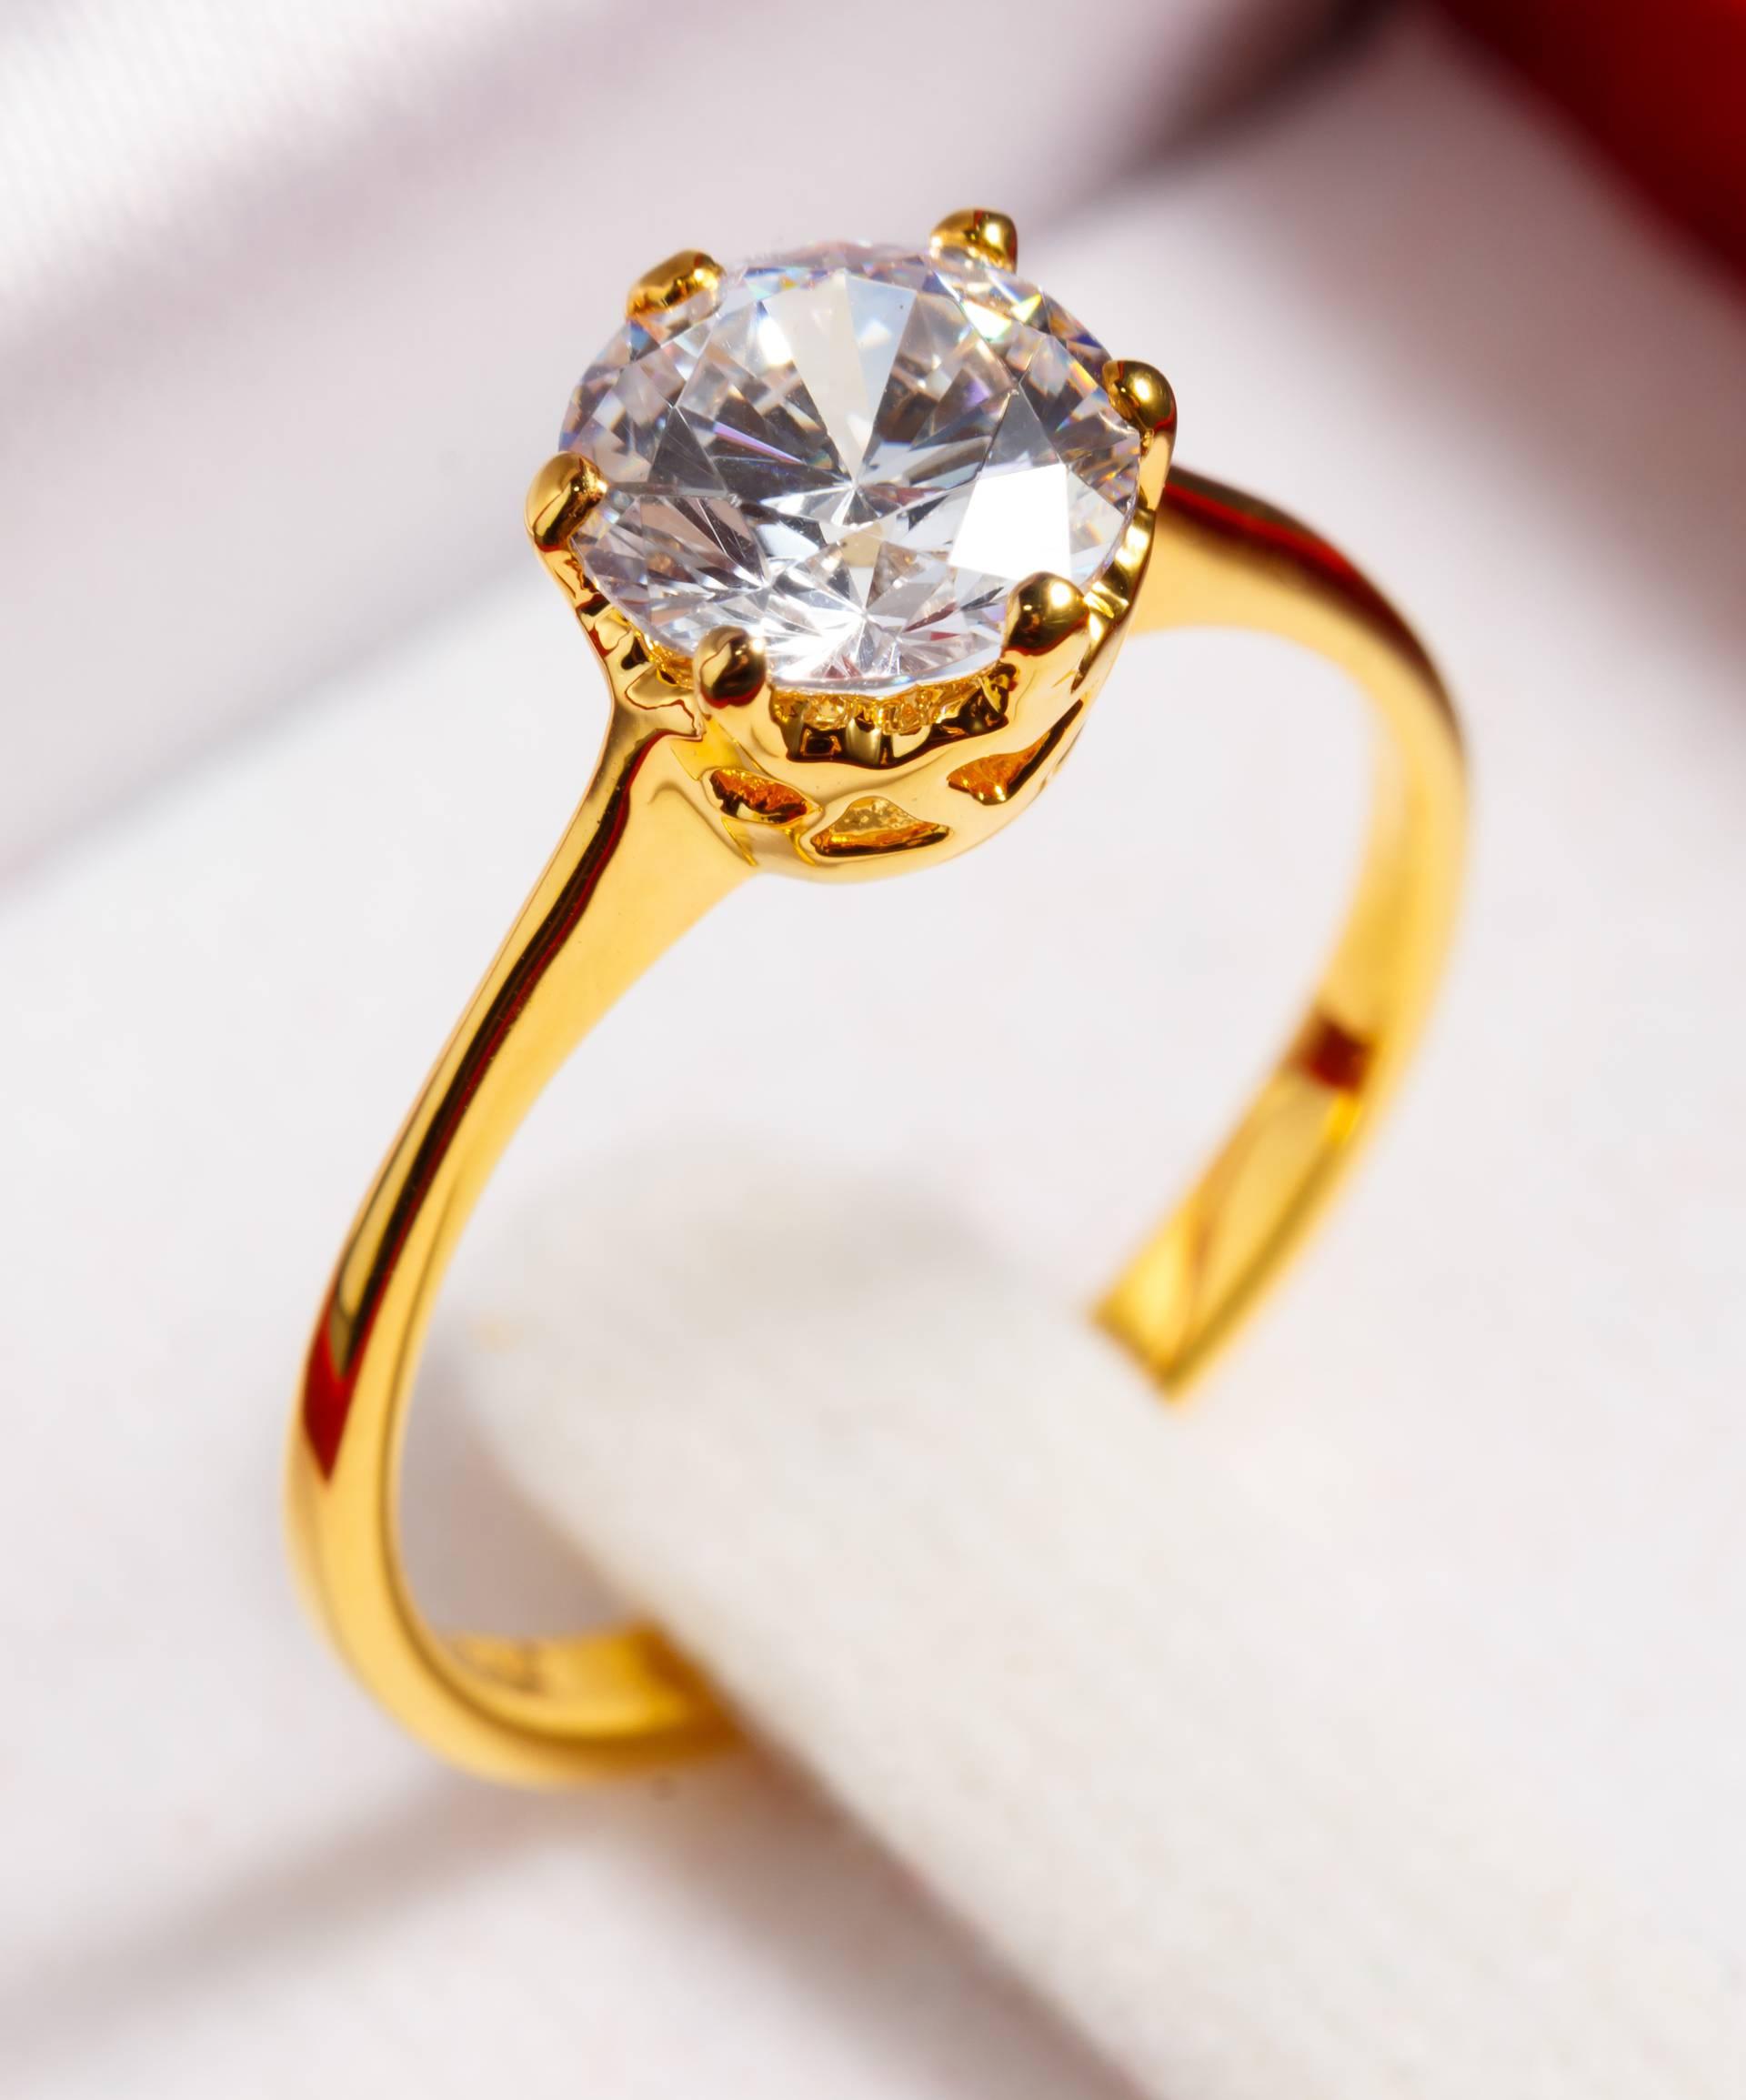 Kako izabrati zaručnički prsten? Neka bude bezvremenskog dizajna, bez previše ukrasa